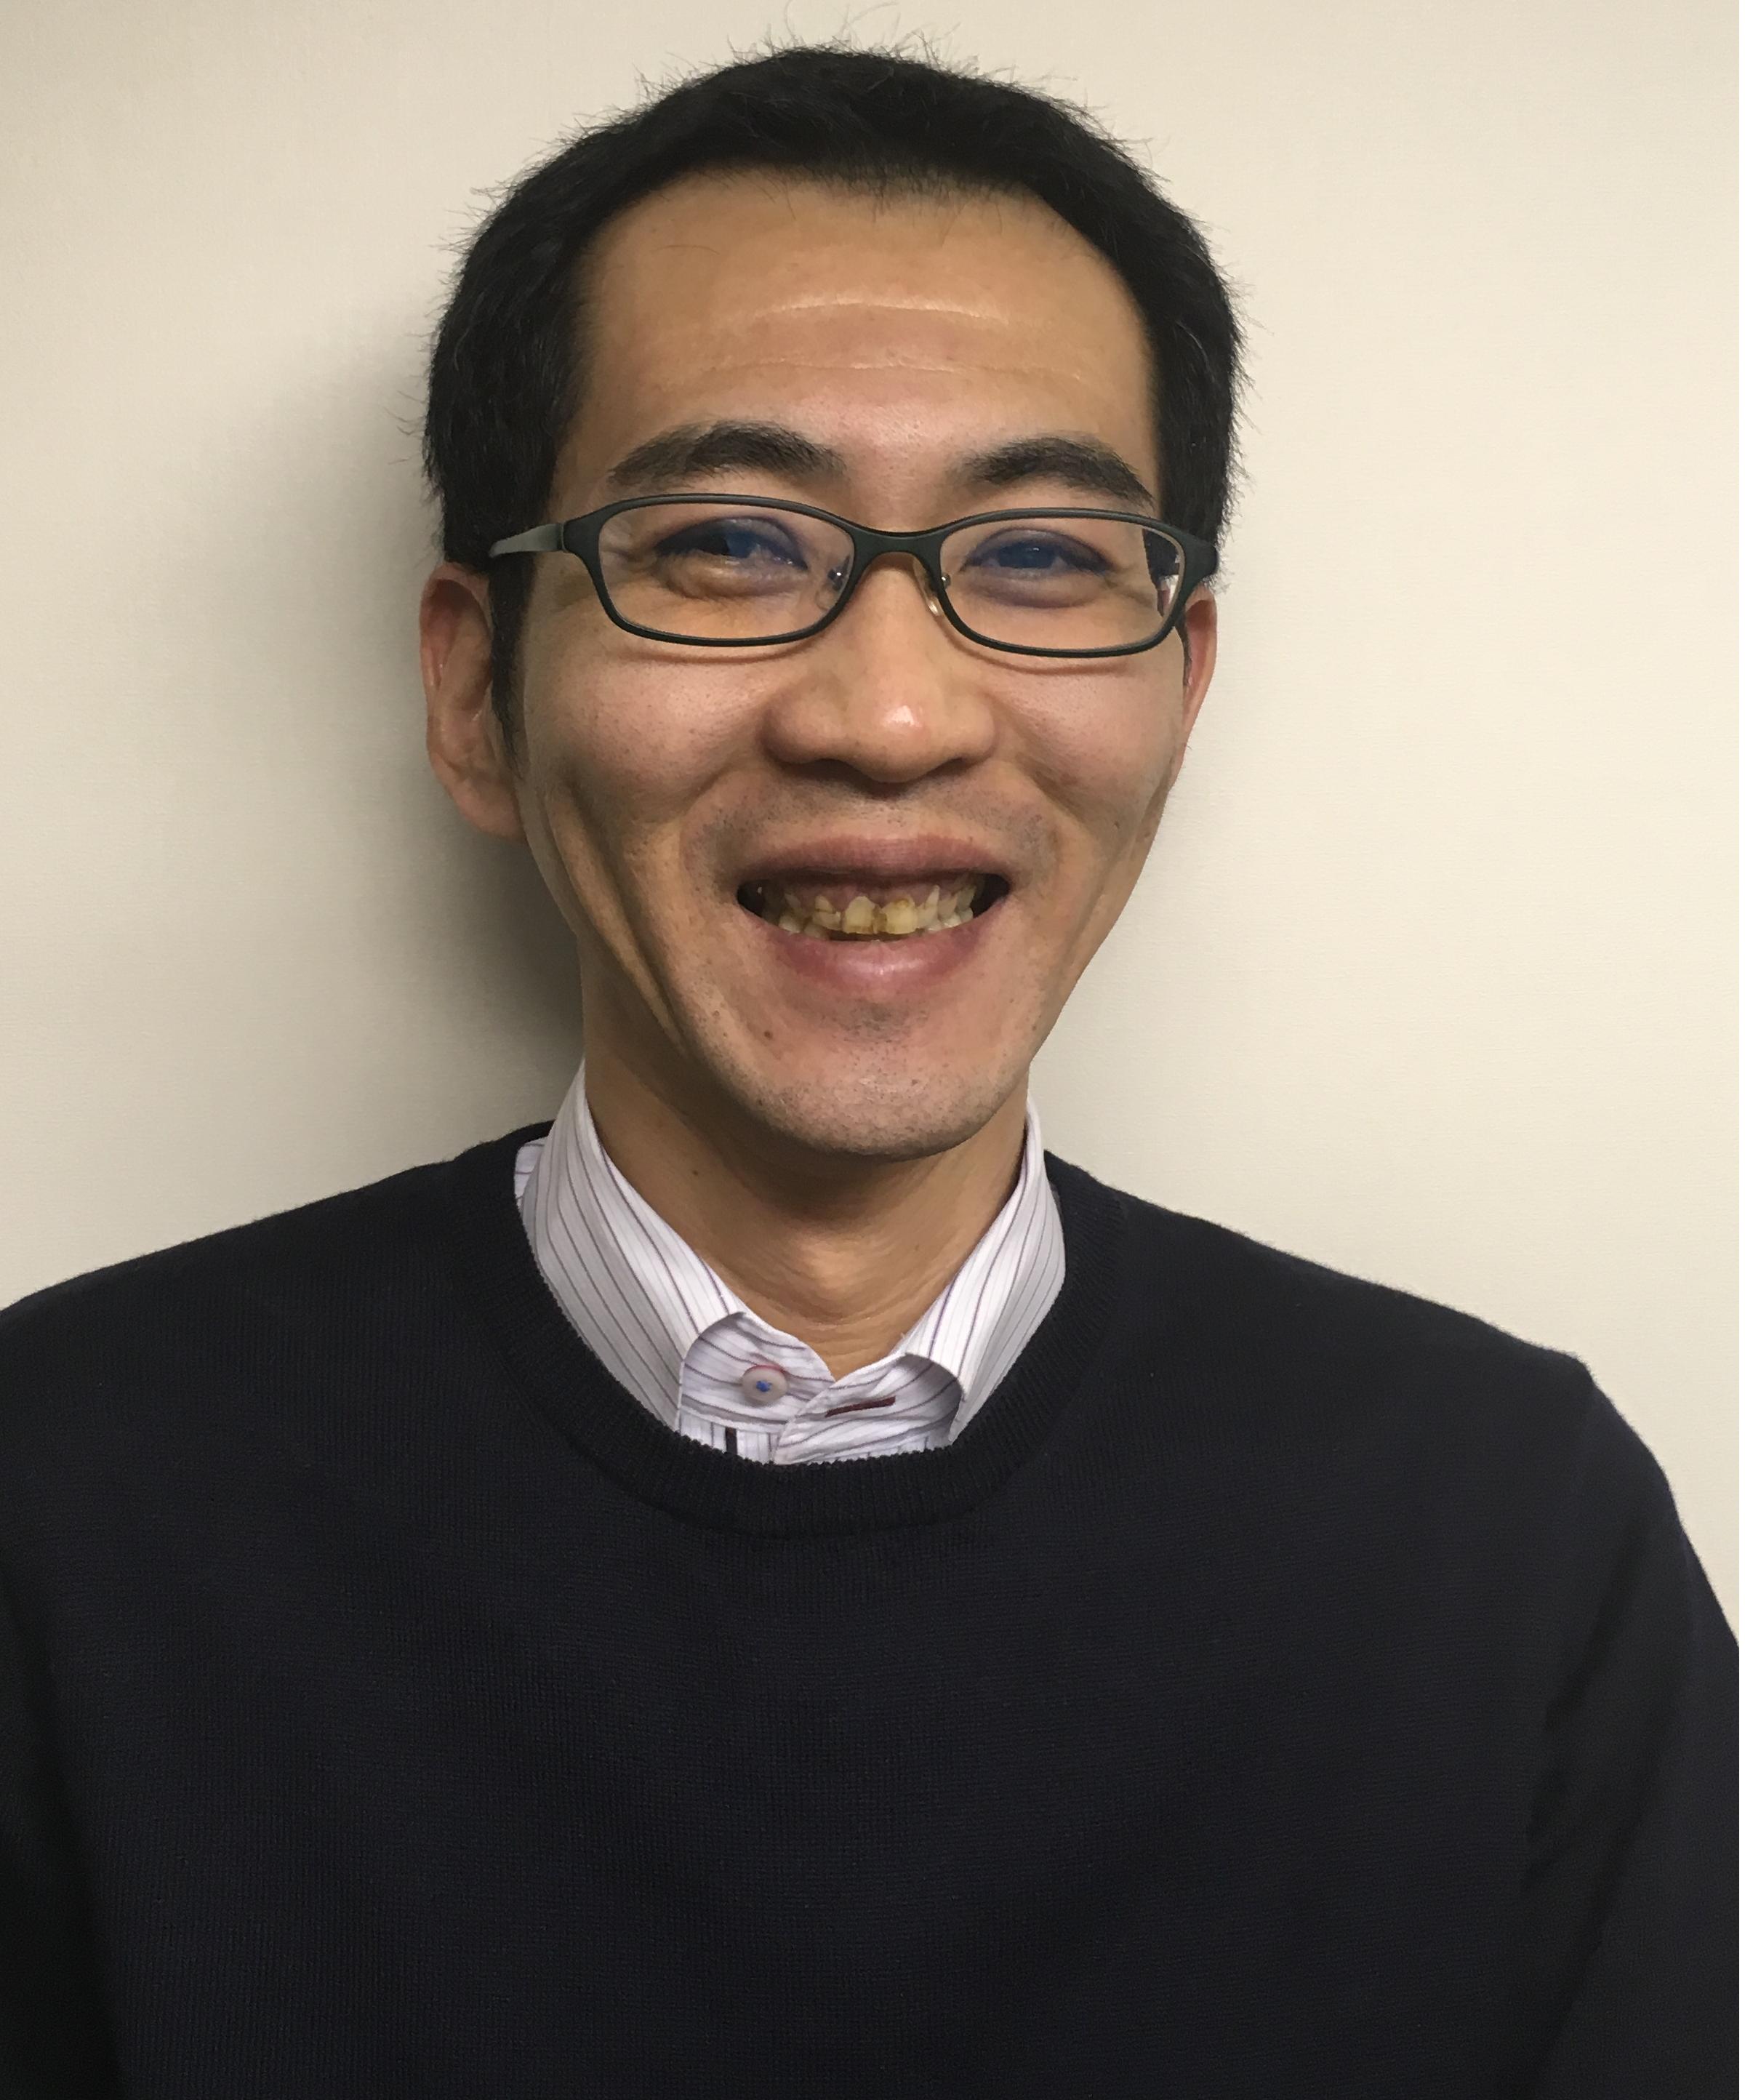 株式会社ハウスドゥ FC事業本部 副本部長 榊原 大輔